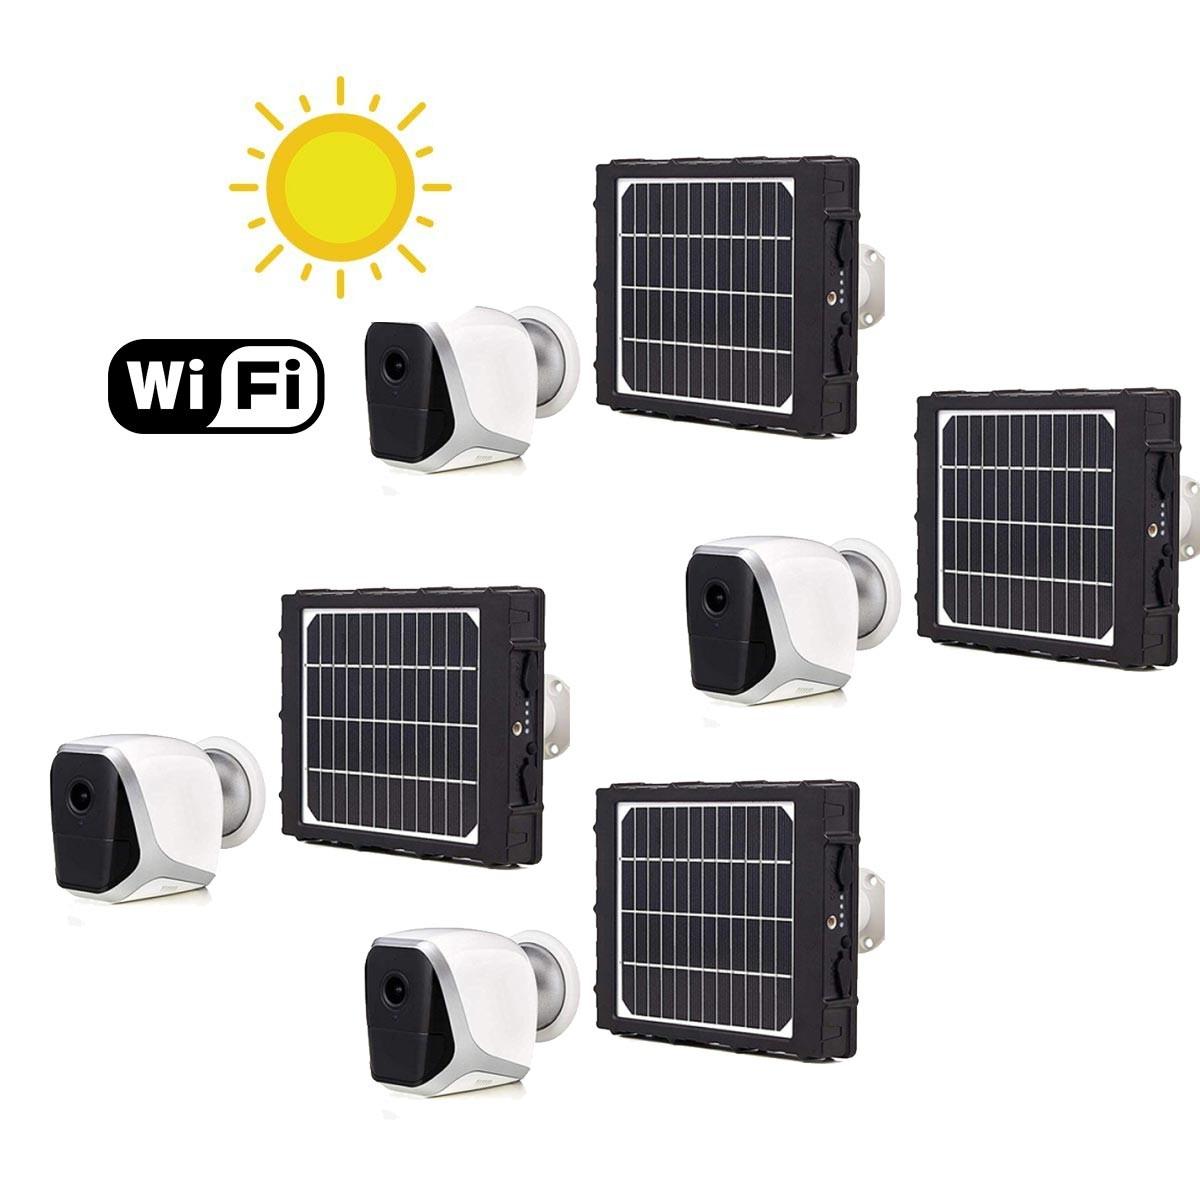 Kit de 4 Smart caméras solaires autonomes WiFi HD 1080P